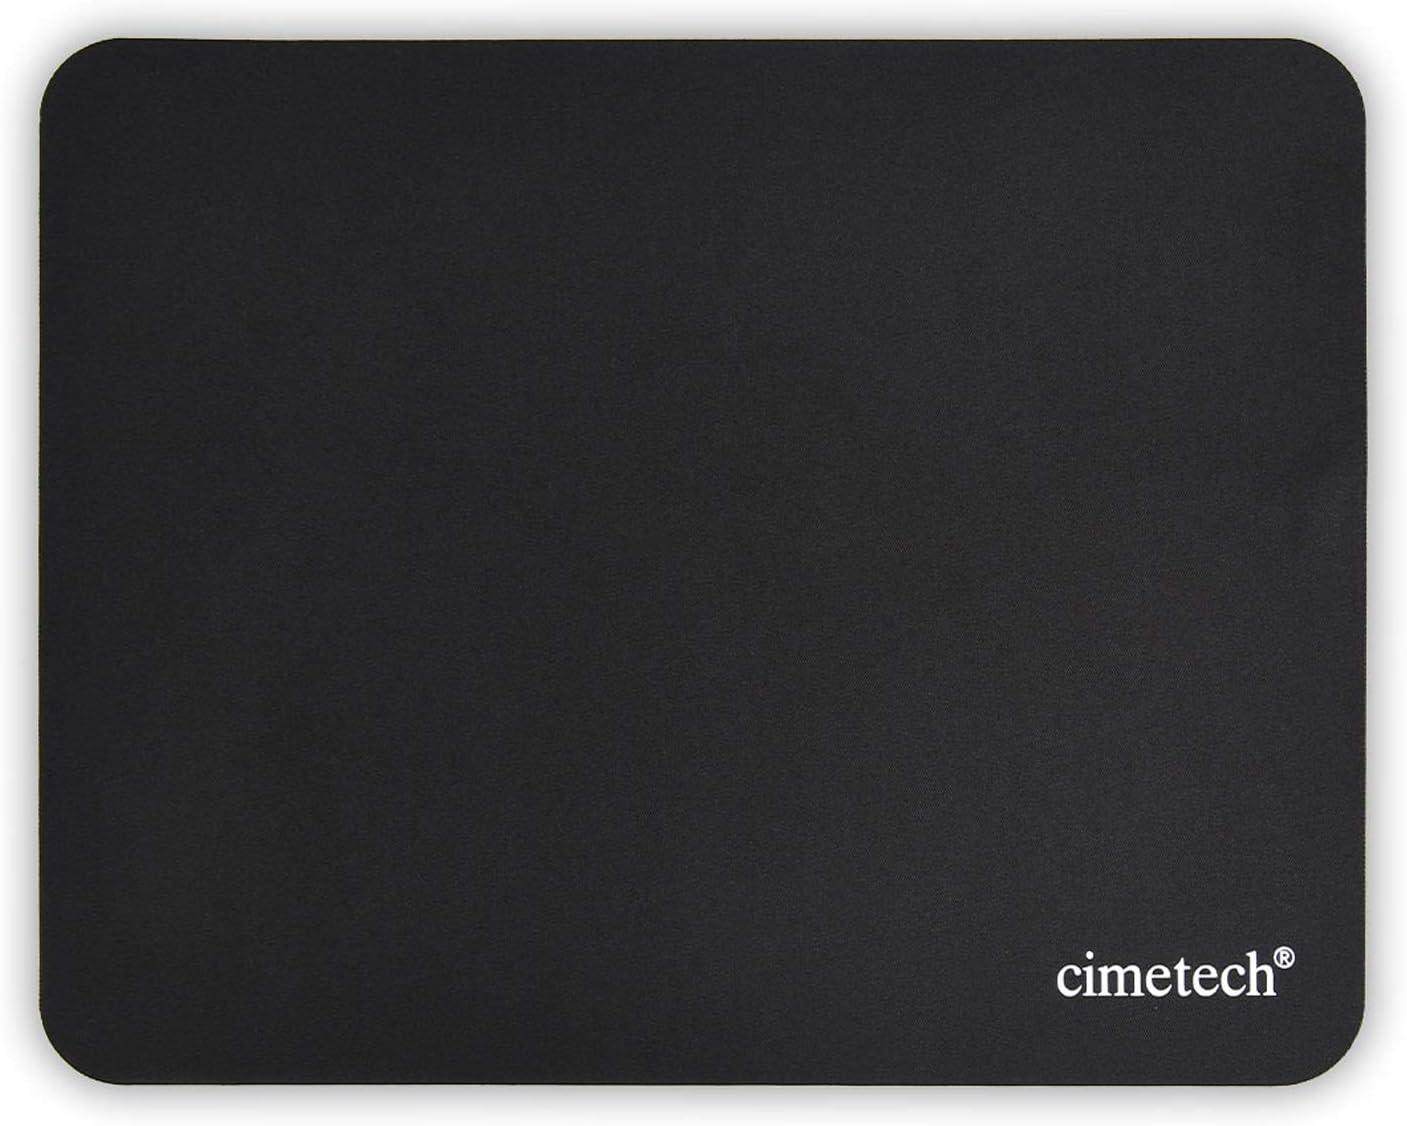 cimetech Alfombrilla de Ratón, Fibra Extrafina Alfombrilla para Computadora con Base de Goma Antideslizante, para Ratón con Cable o Inalámbrico PC/Mac, 23x18x0.1cm, Ultradelgado Negro